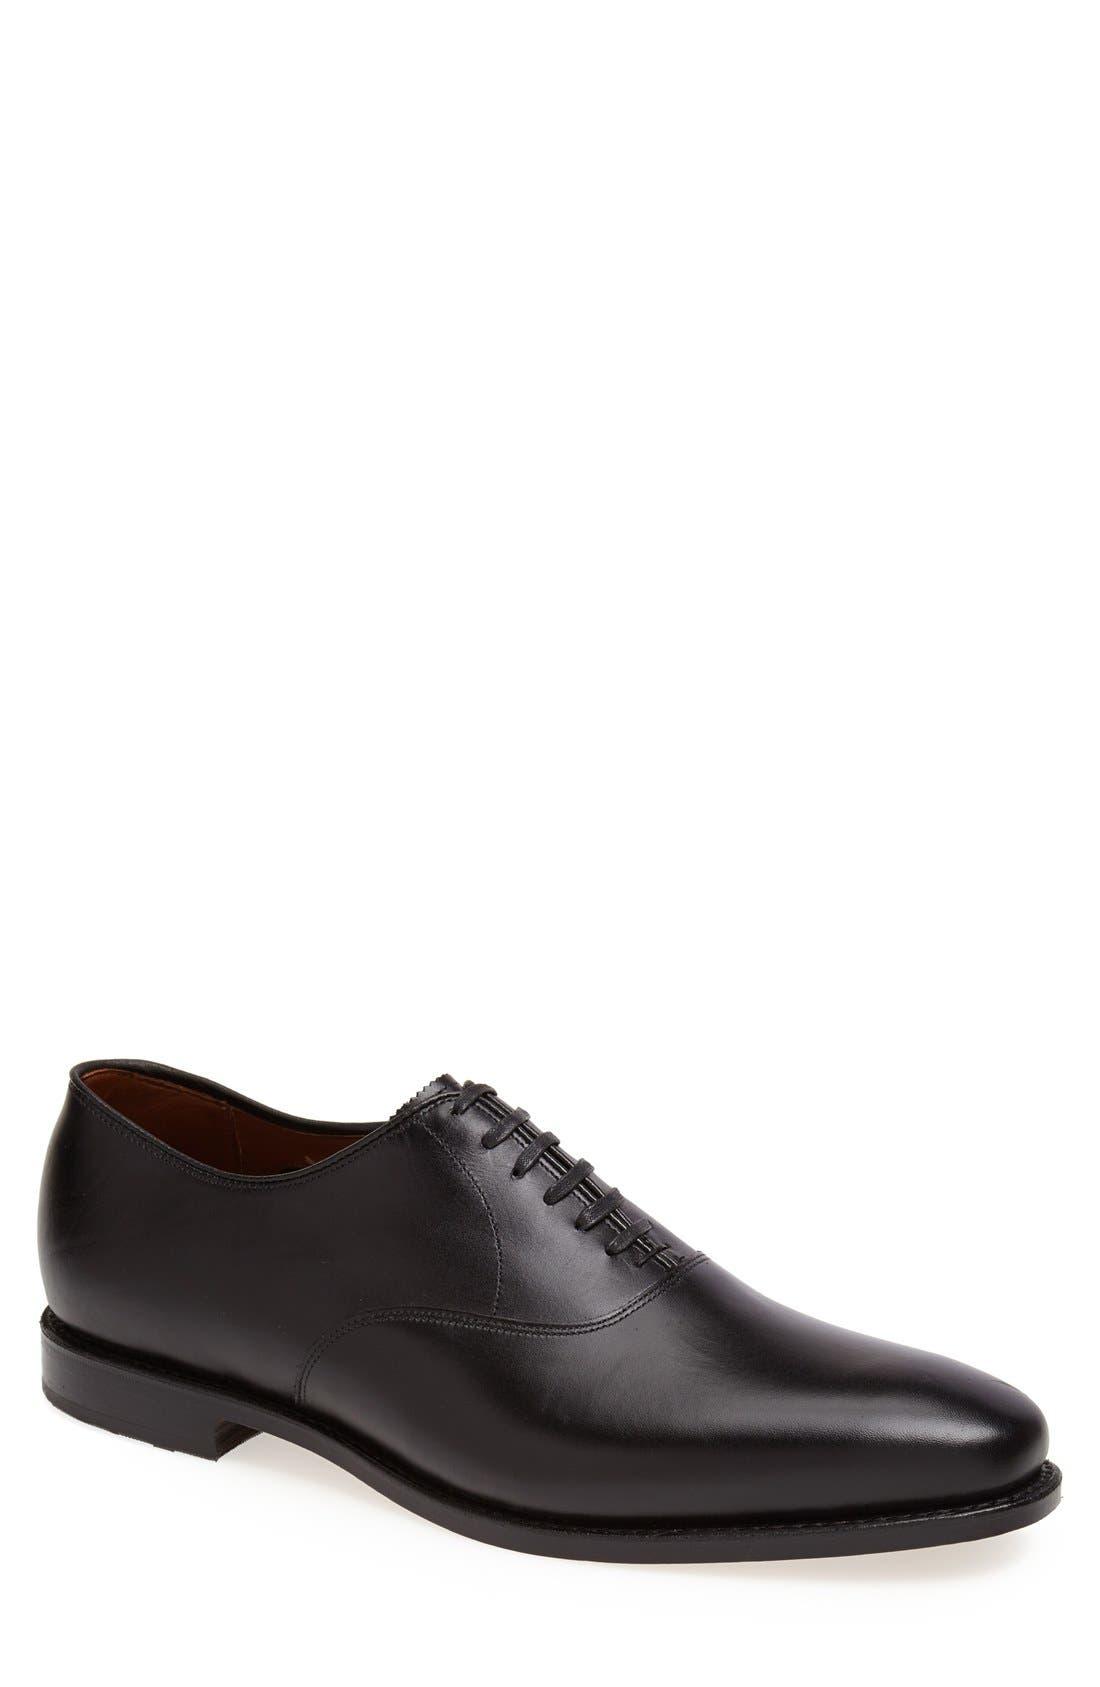 Allen Edmonds Carlyle Plain Toe Oxford - Black